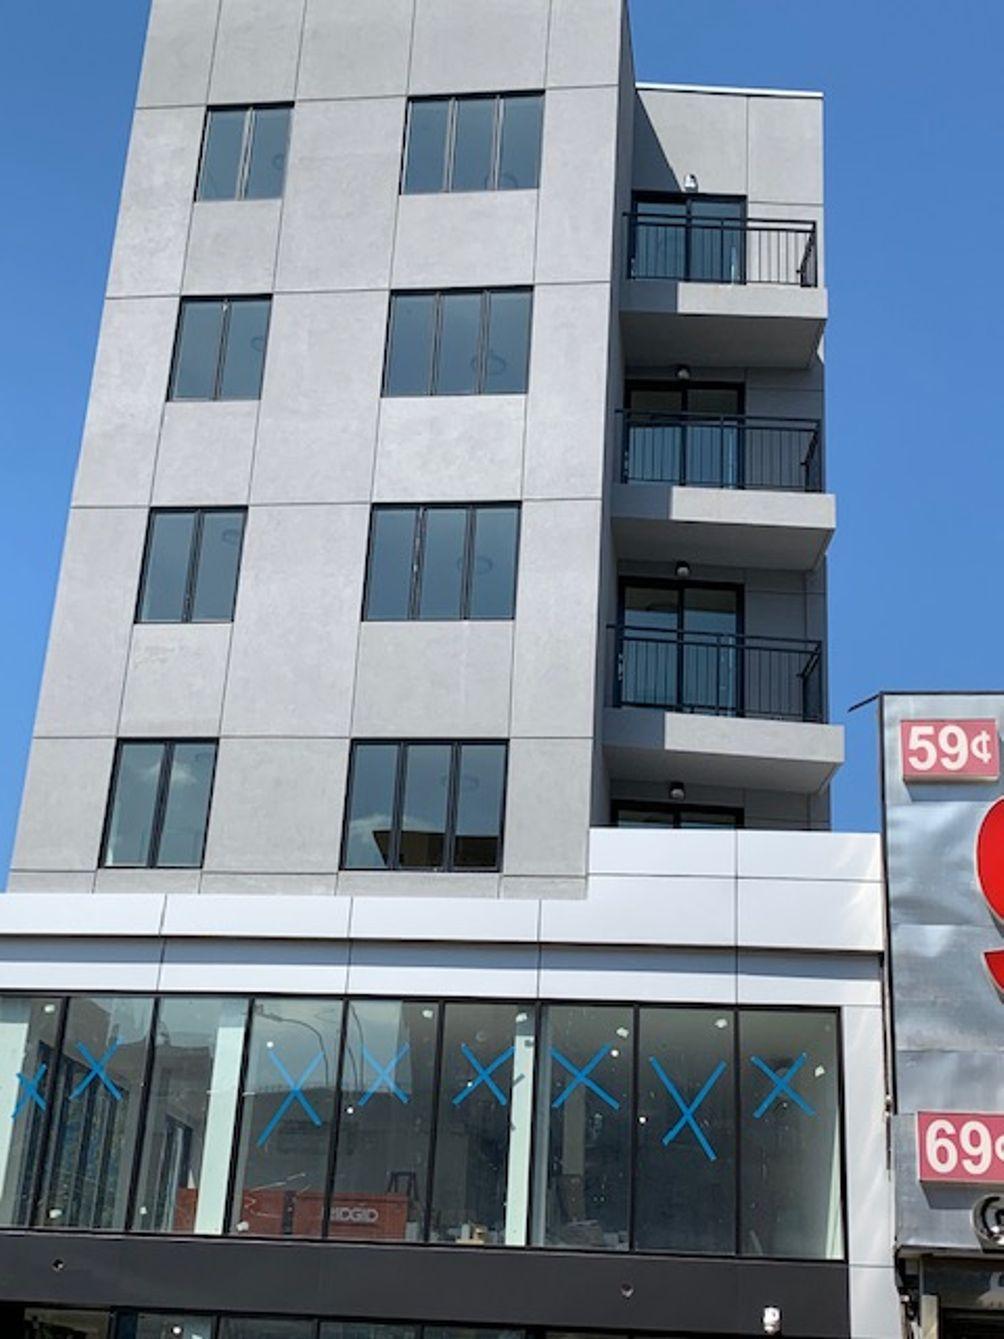 65-Graham-Avenue-01